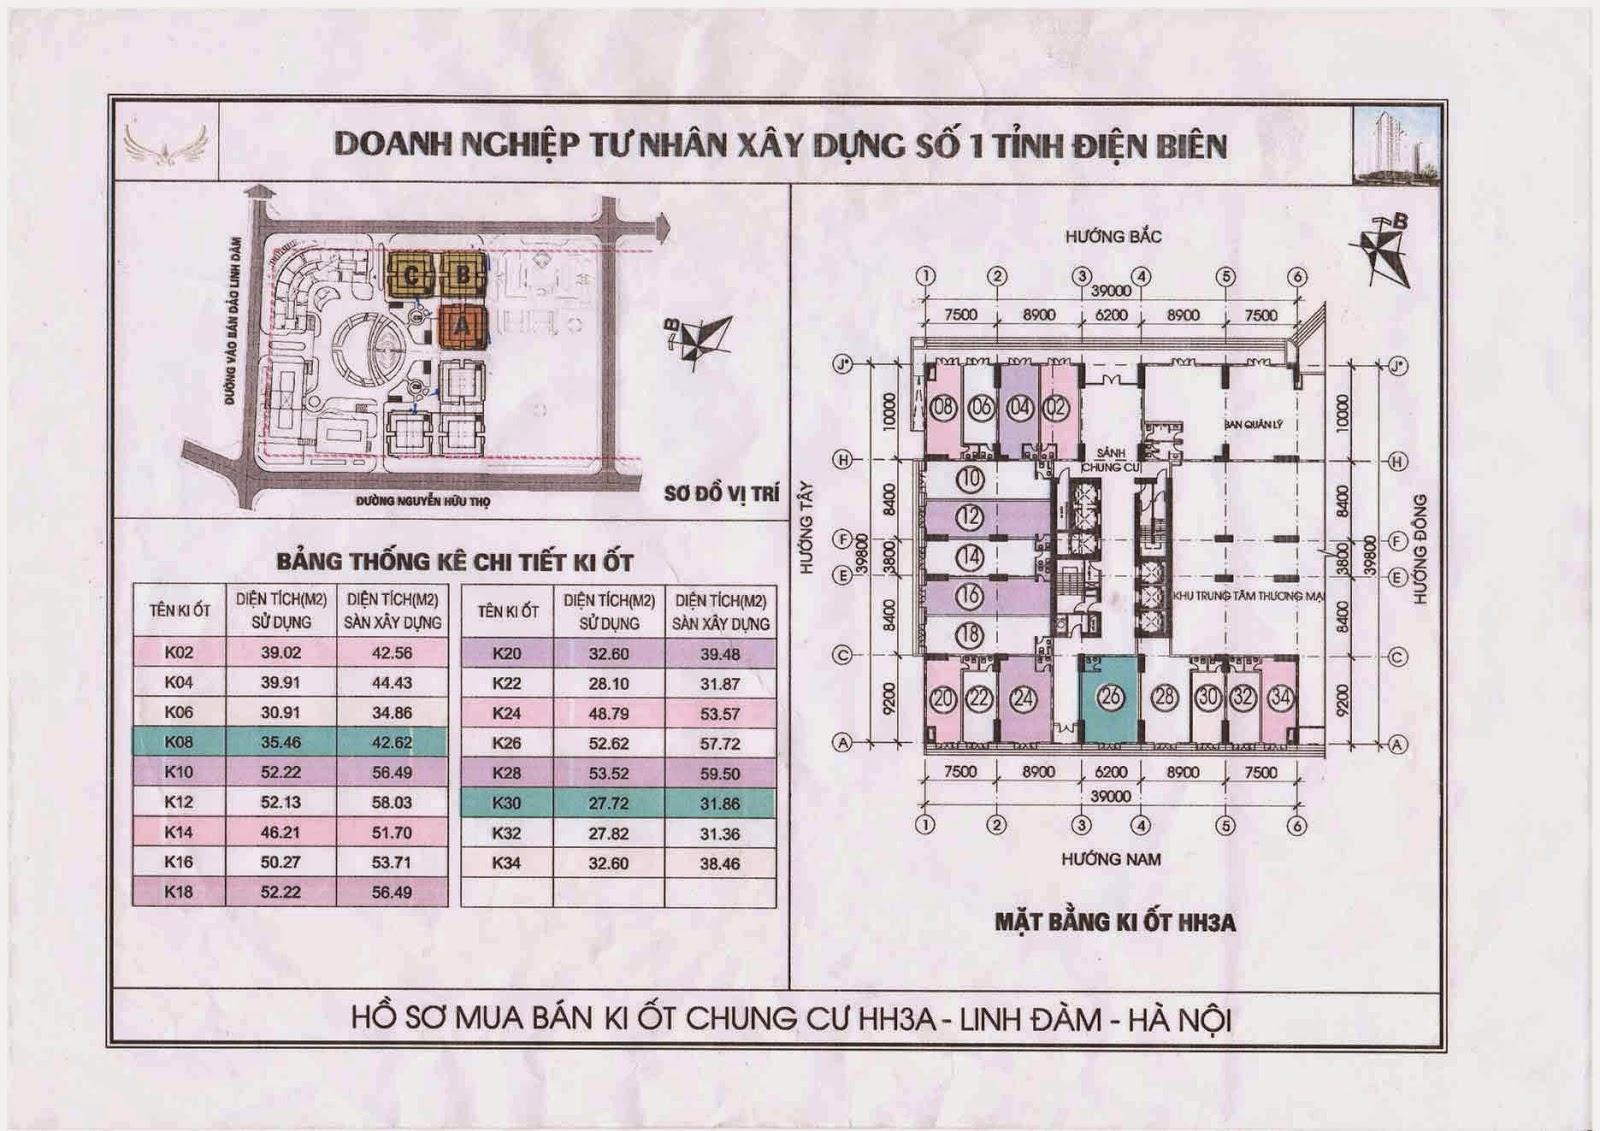 Sơ đồ kiot chung cư HH3A Linh Đàm căn số 12 và 14 - 0917078221